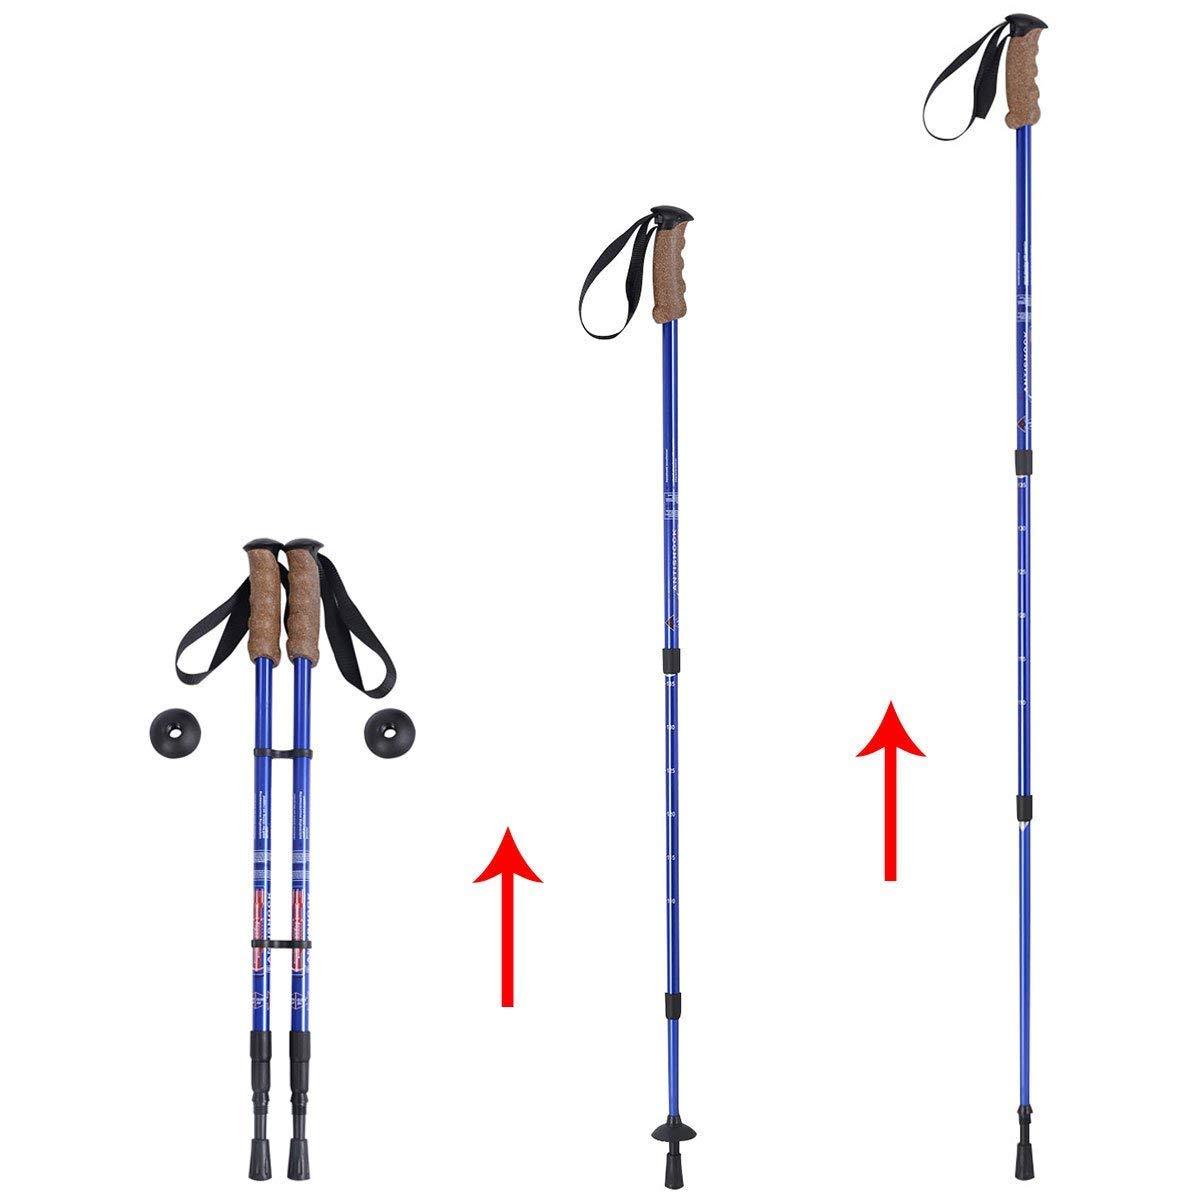 L/änge 65-135 cm GOPLUS Wanderst/öcke Trekkingst/öcke Walking St/öcke mit D/ämpfungssystem und nat/ürlichen Korkgriffen f/ür Damen und Herren leicht und verstellbar